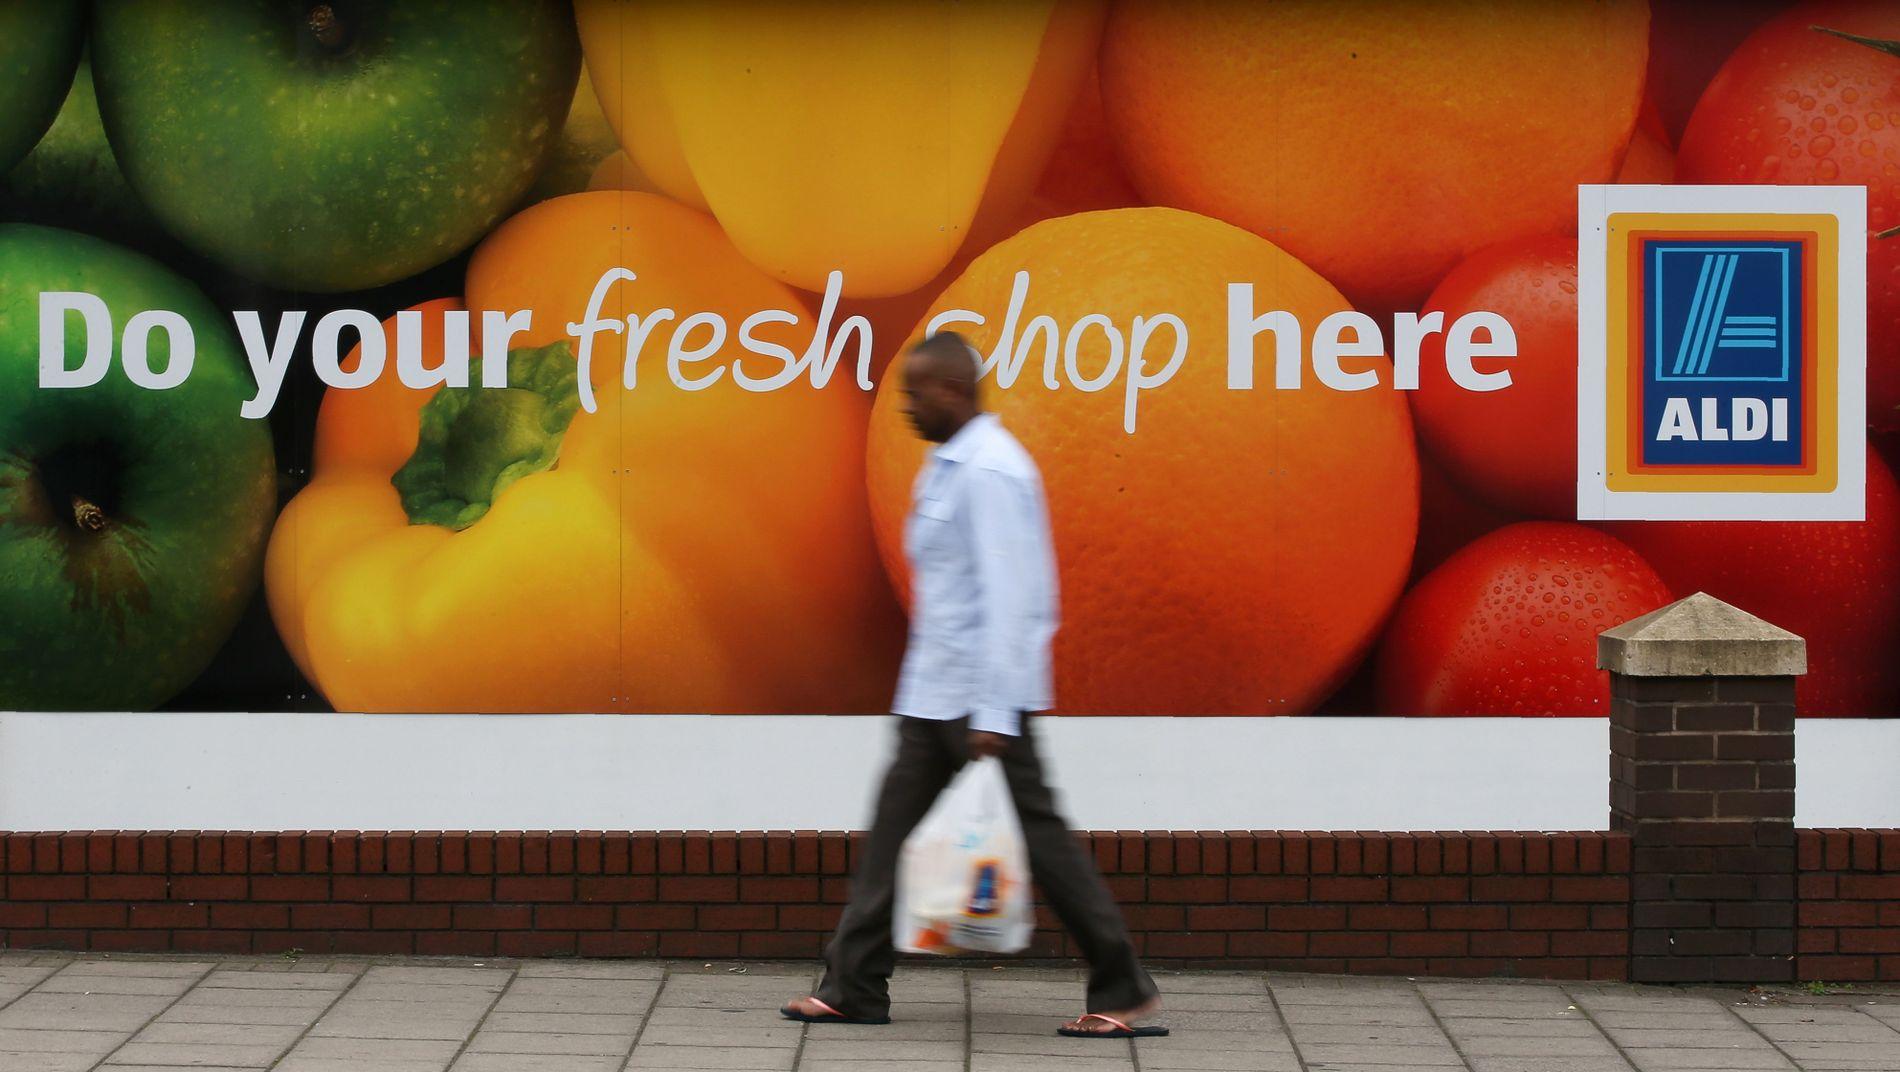 SJELDENT SYN: Mange briter vegrer seg for å betale for plastikkposene når de handler, etter at det i oktober i fjor ble innført poseavgift på 5 pence, - 60 øre.